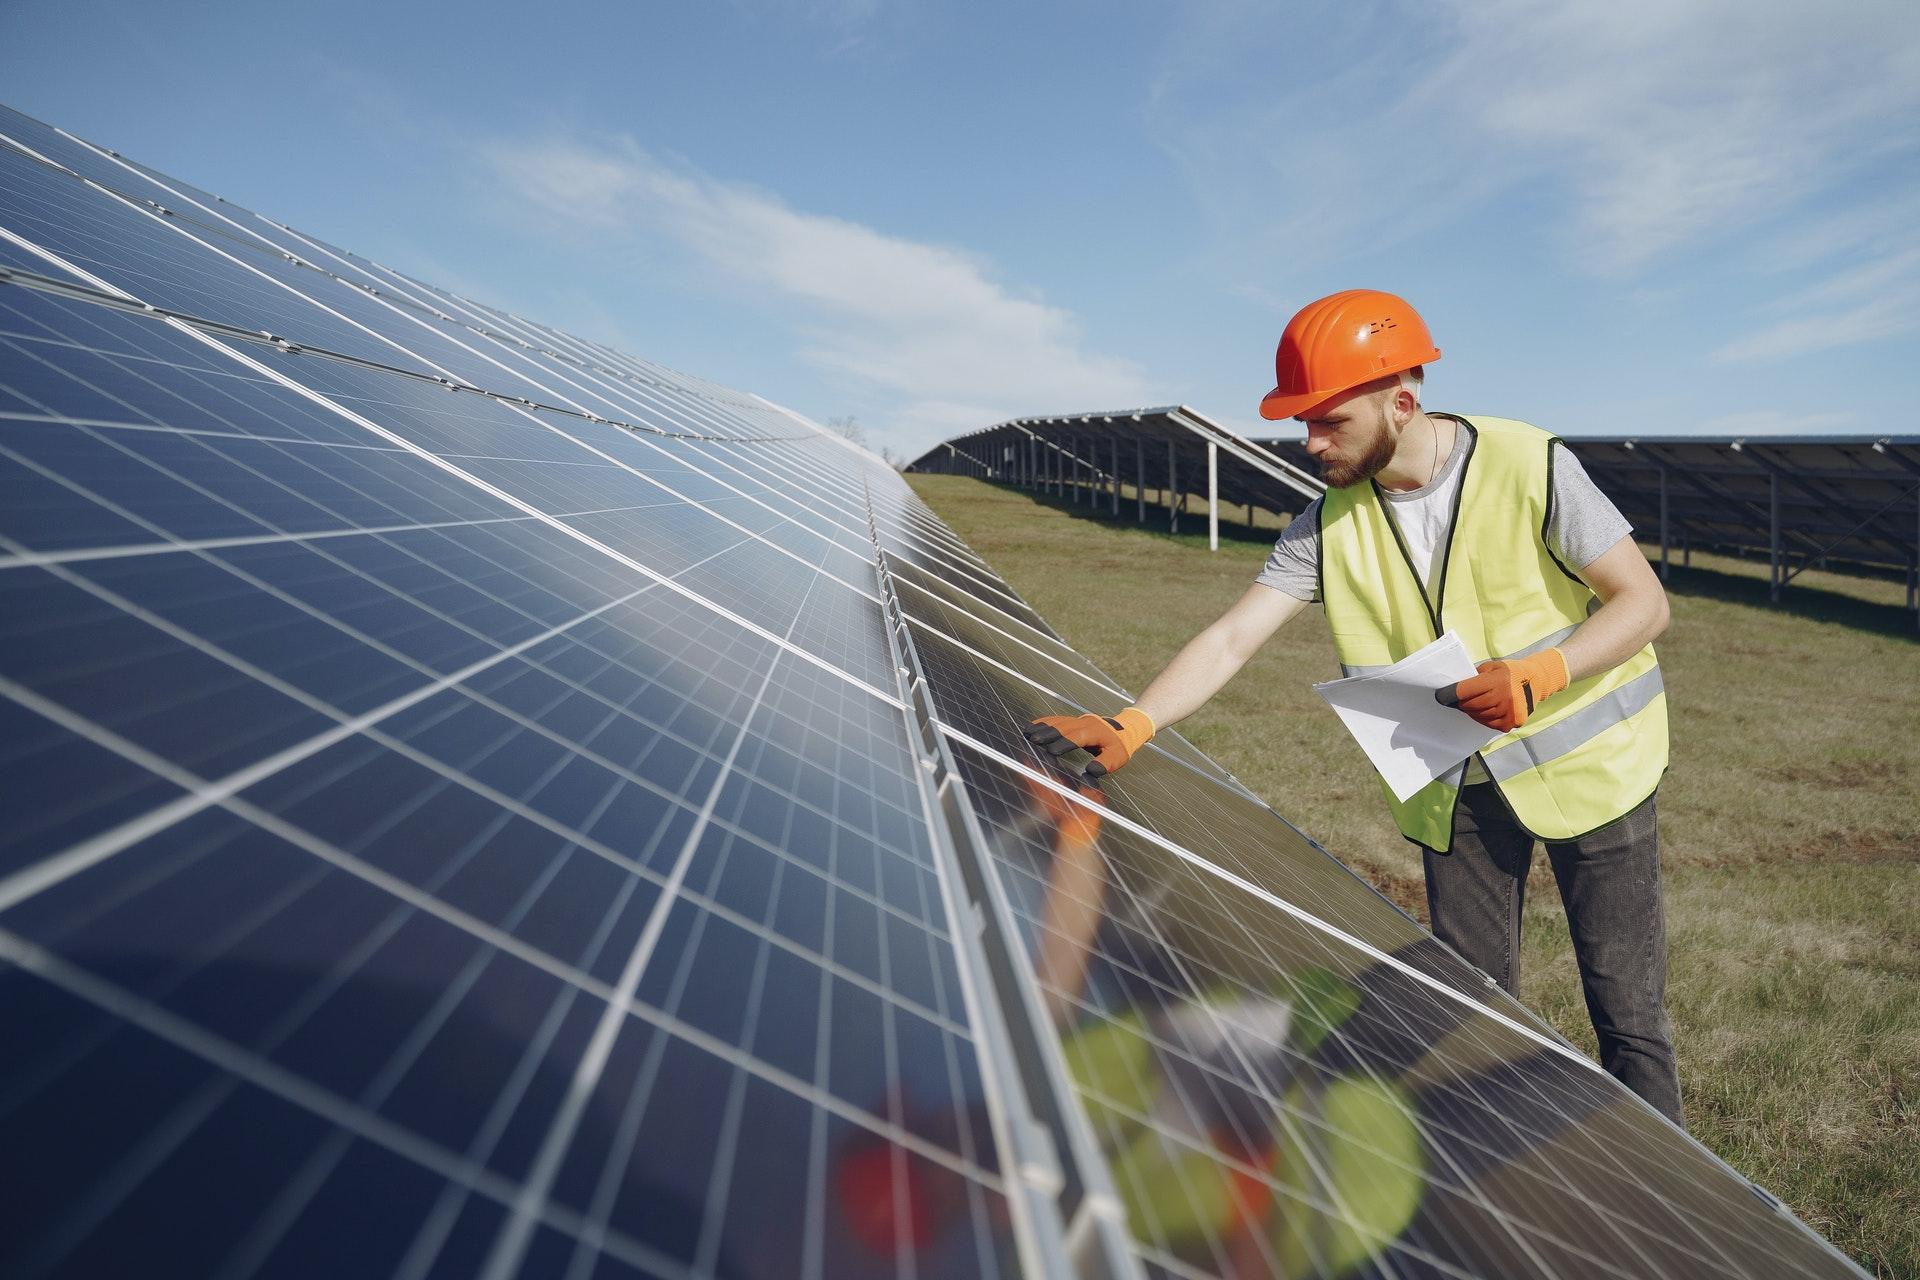 القمة العالمية لطاقة المستقبل بأبوظبي Abu Dhabi تحتضن الطاقة الشمسية ضمن منظومة المناخ المتكاملة